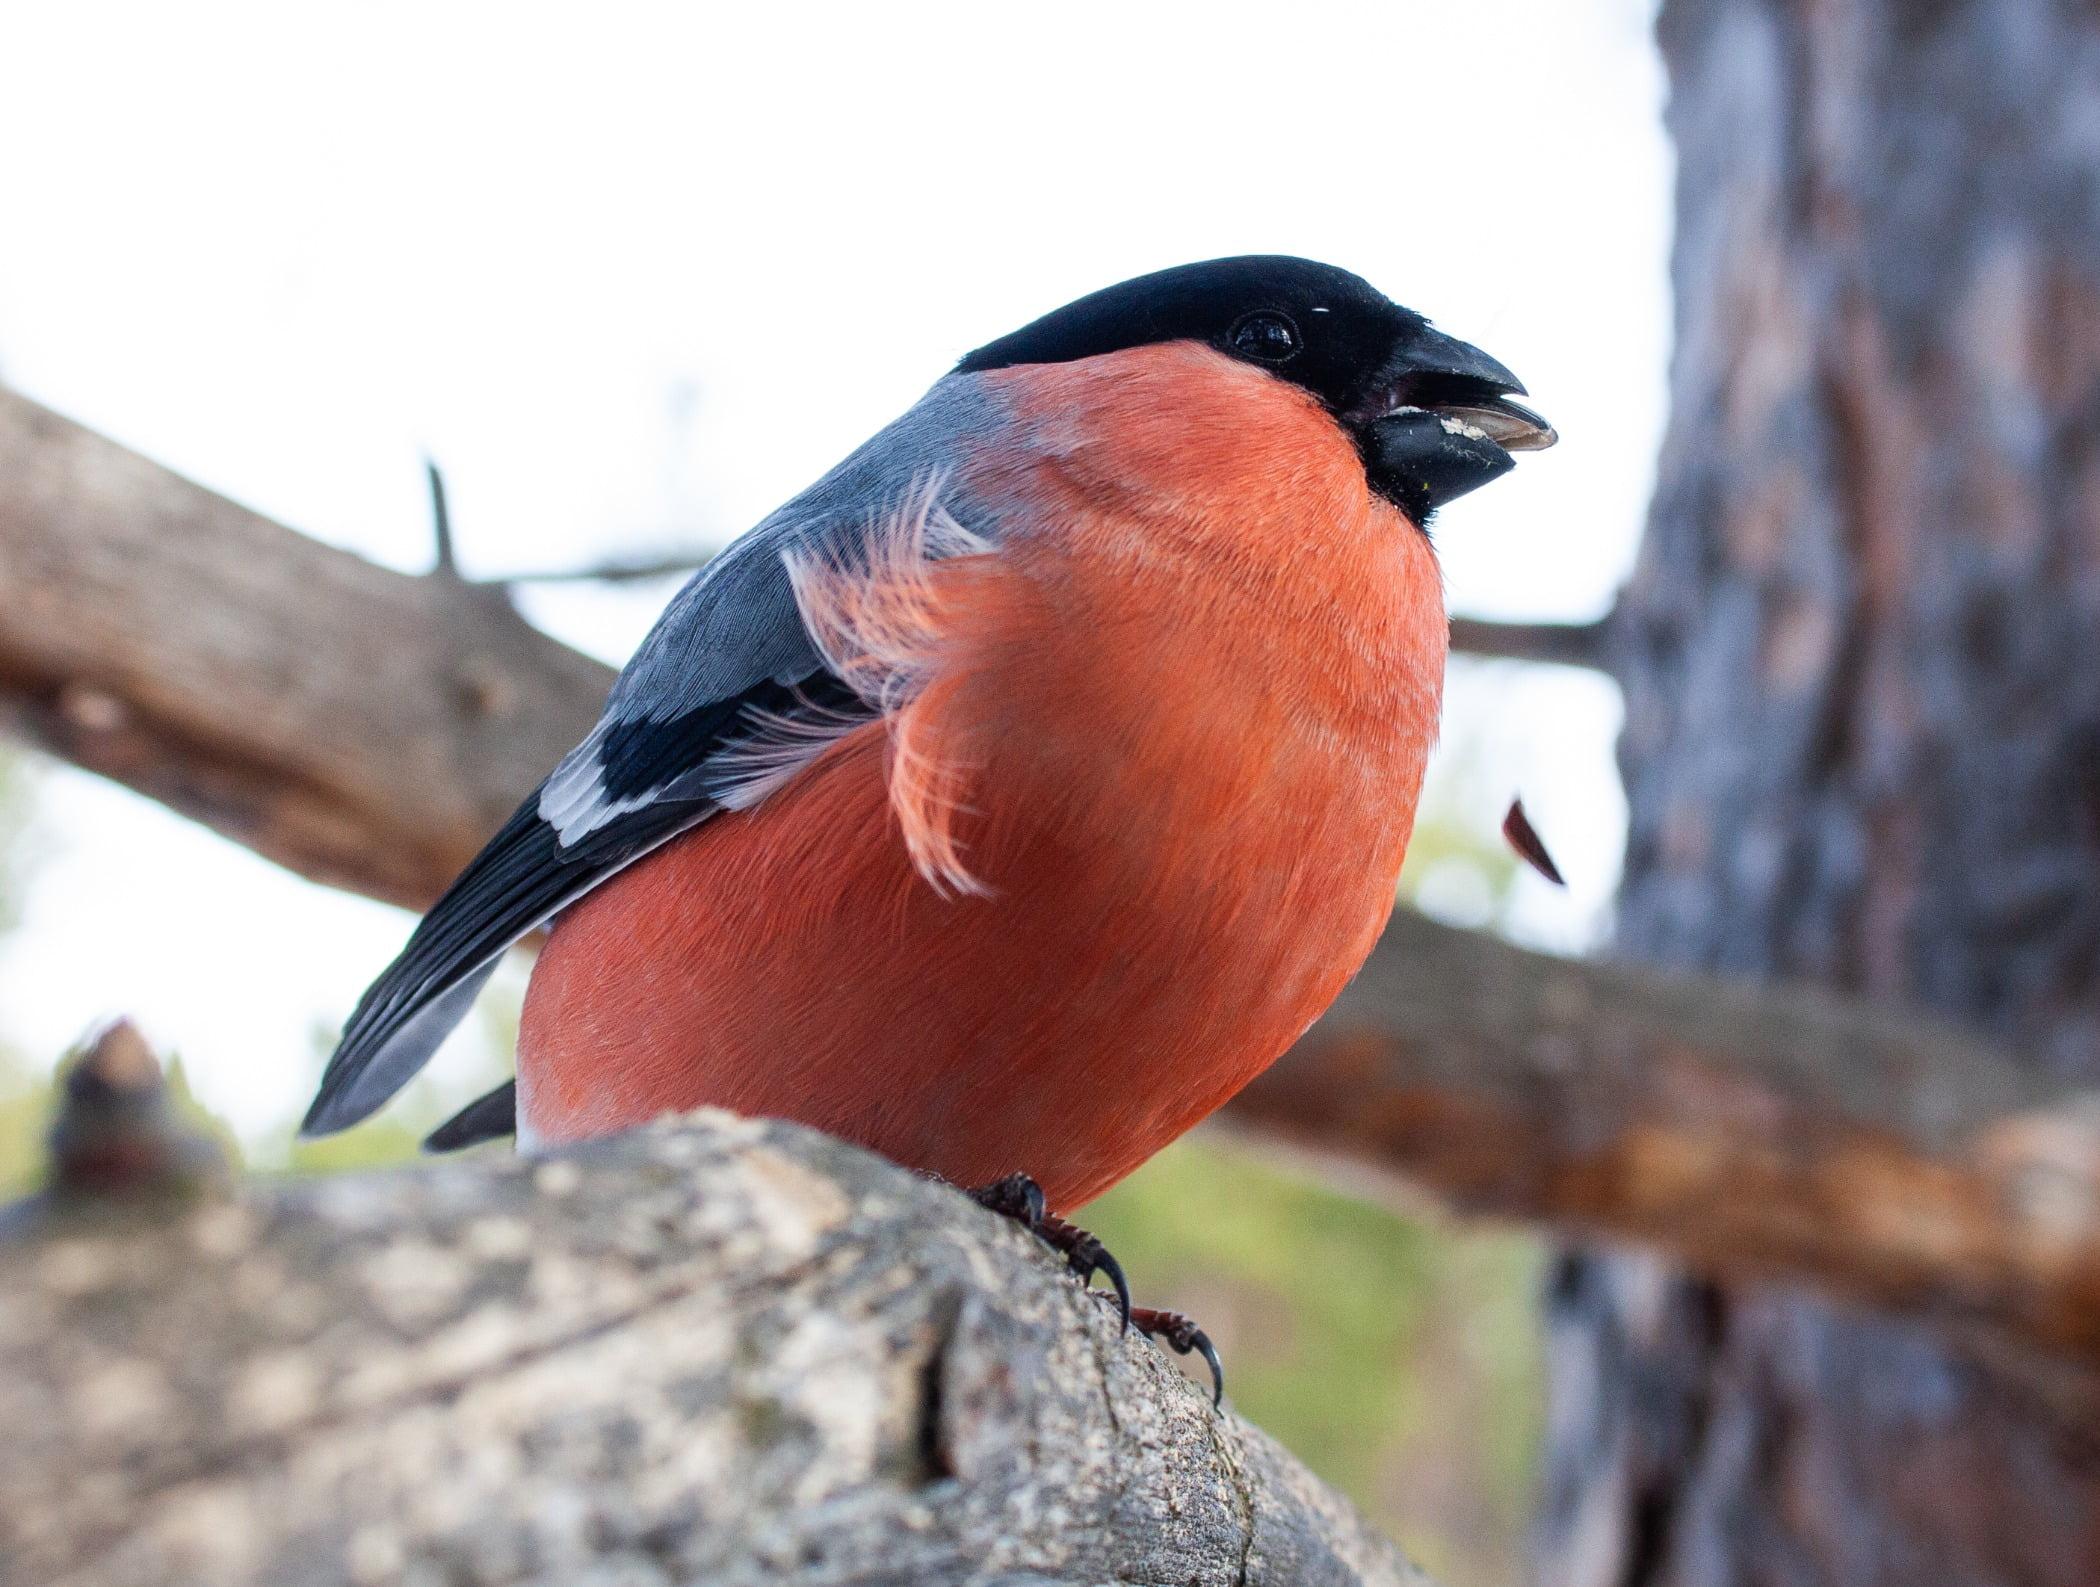 Bird, Beak, Feather, Wood